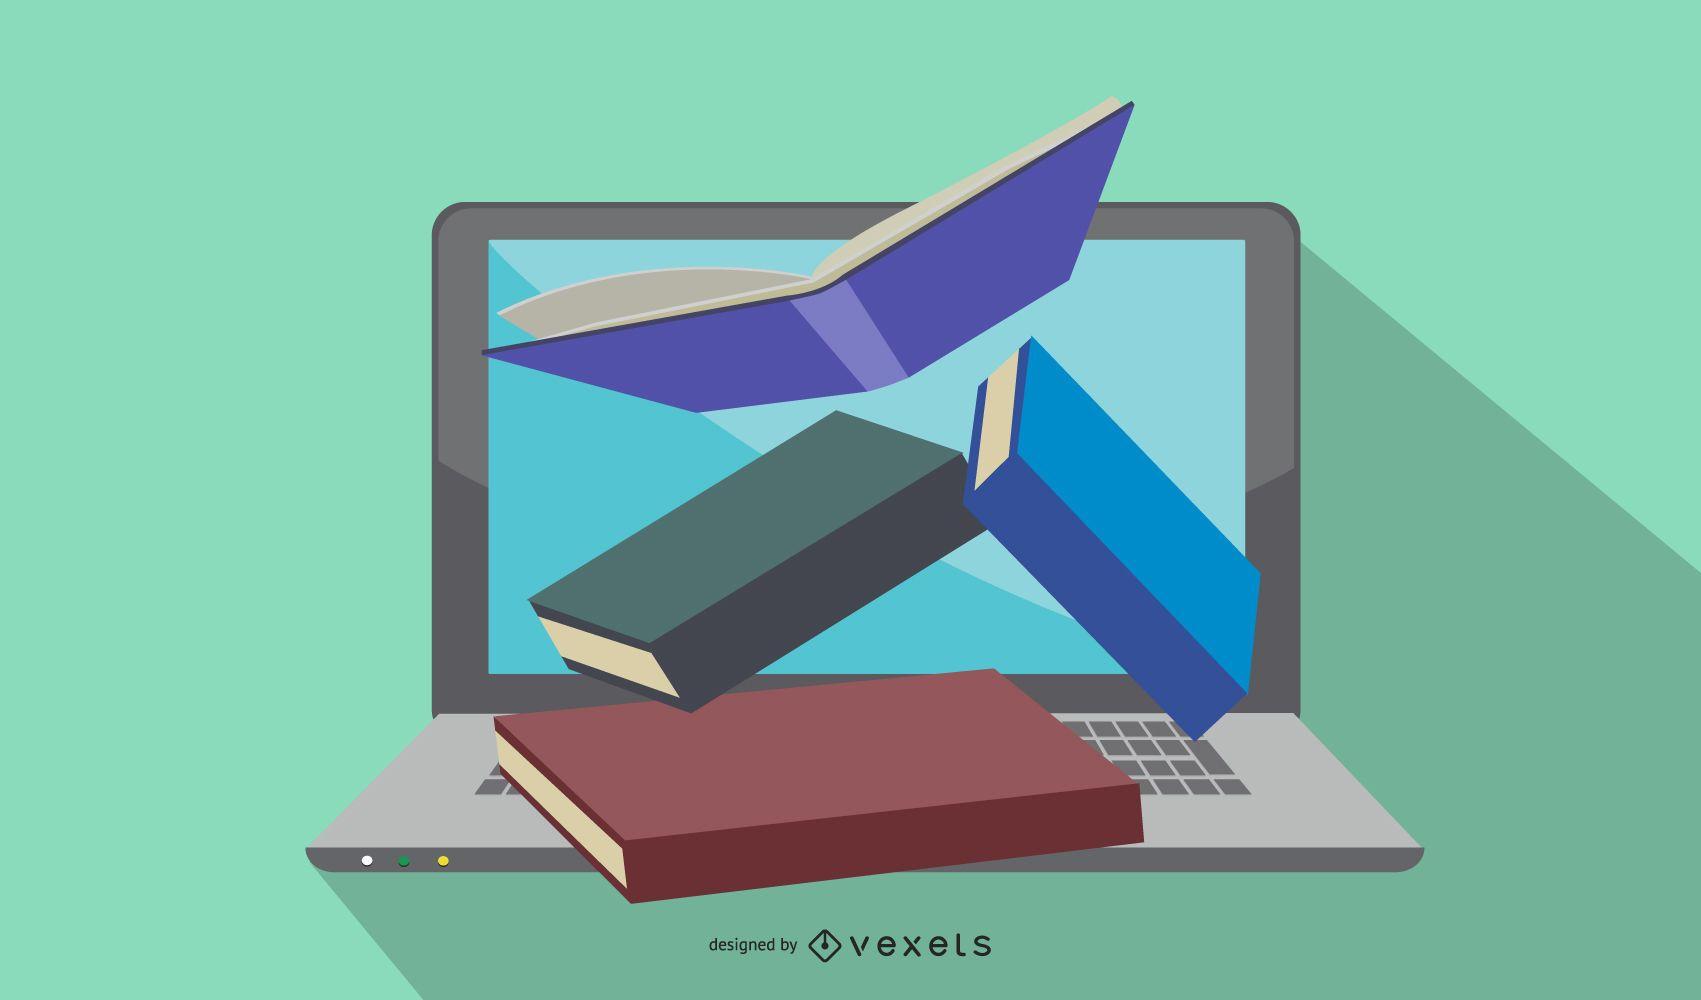 Libros flotando en una computadora portátil abierta